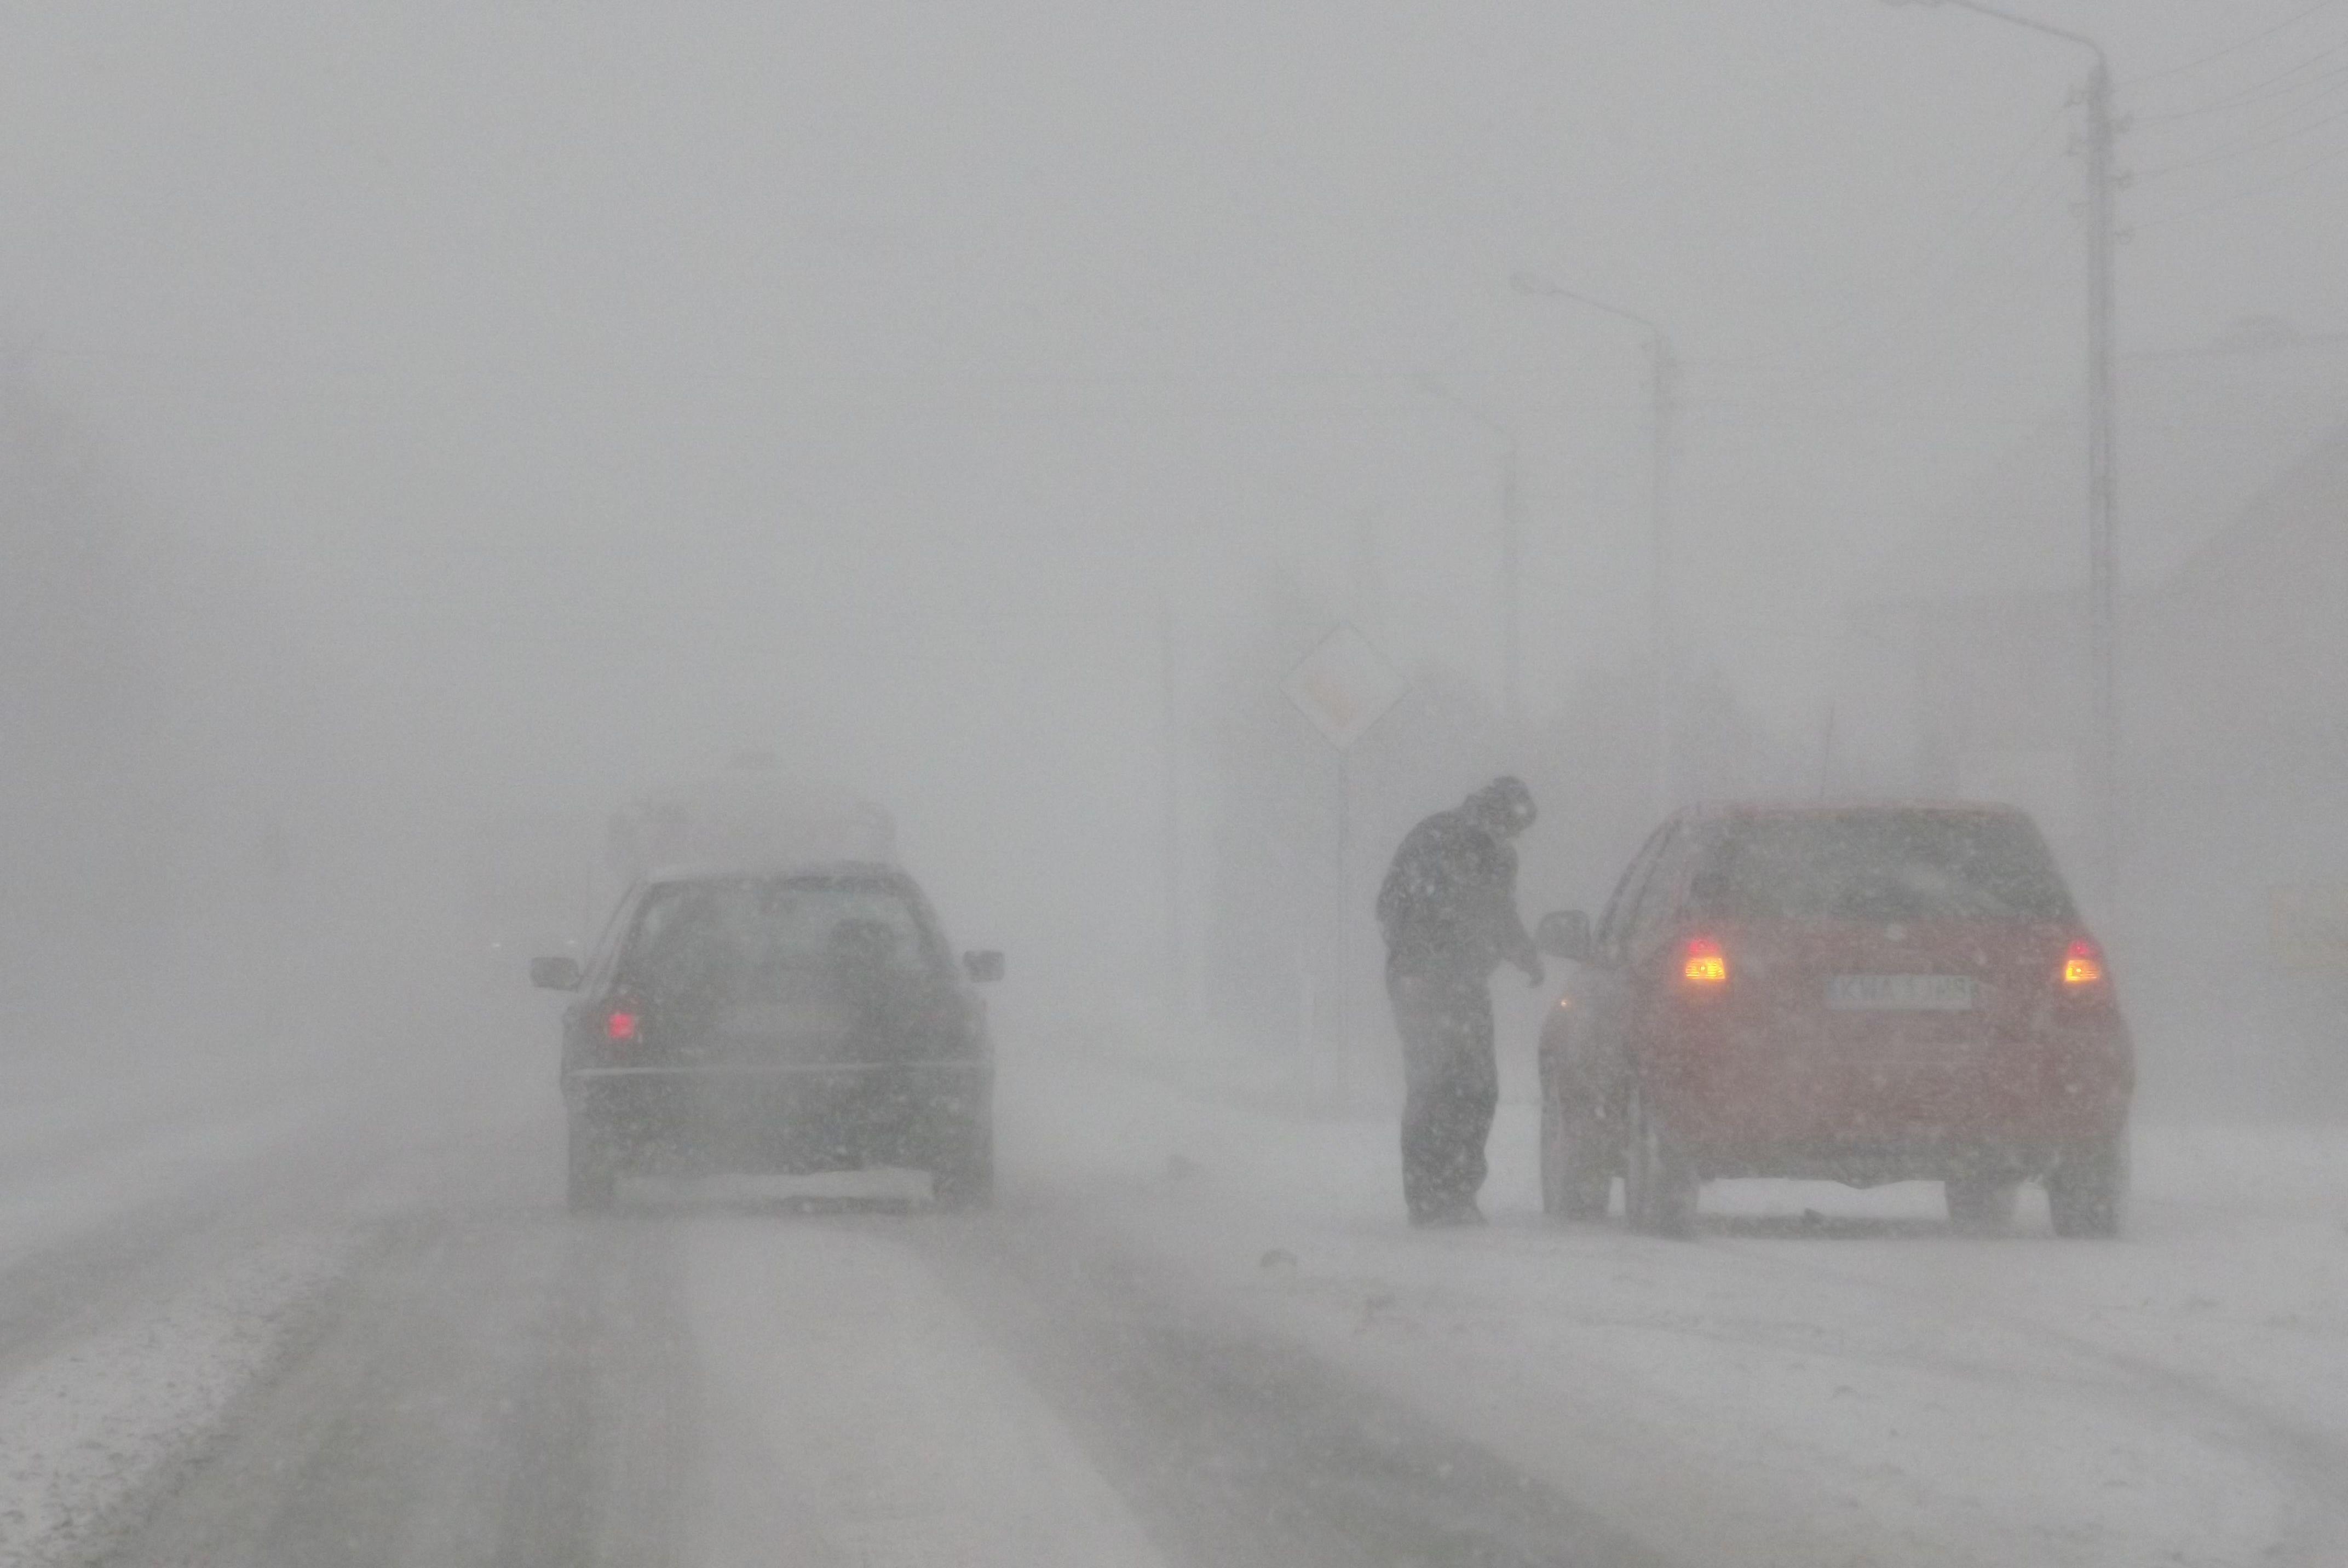 Synoptycy zapowiadają intensywne opady śniegu